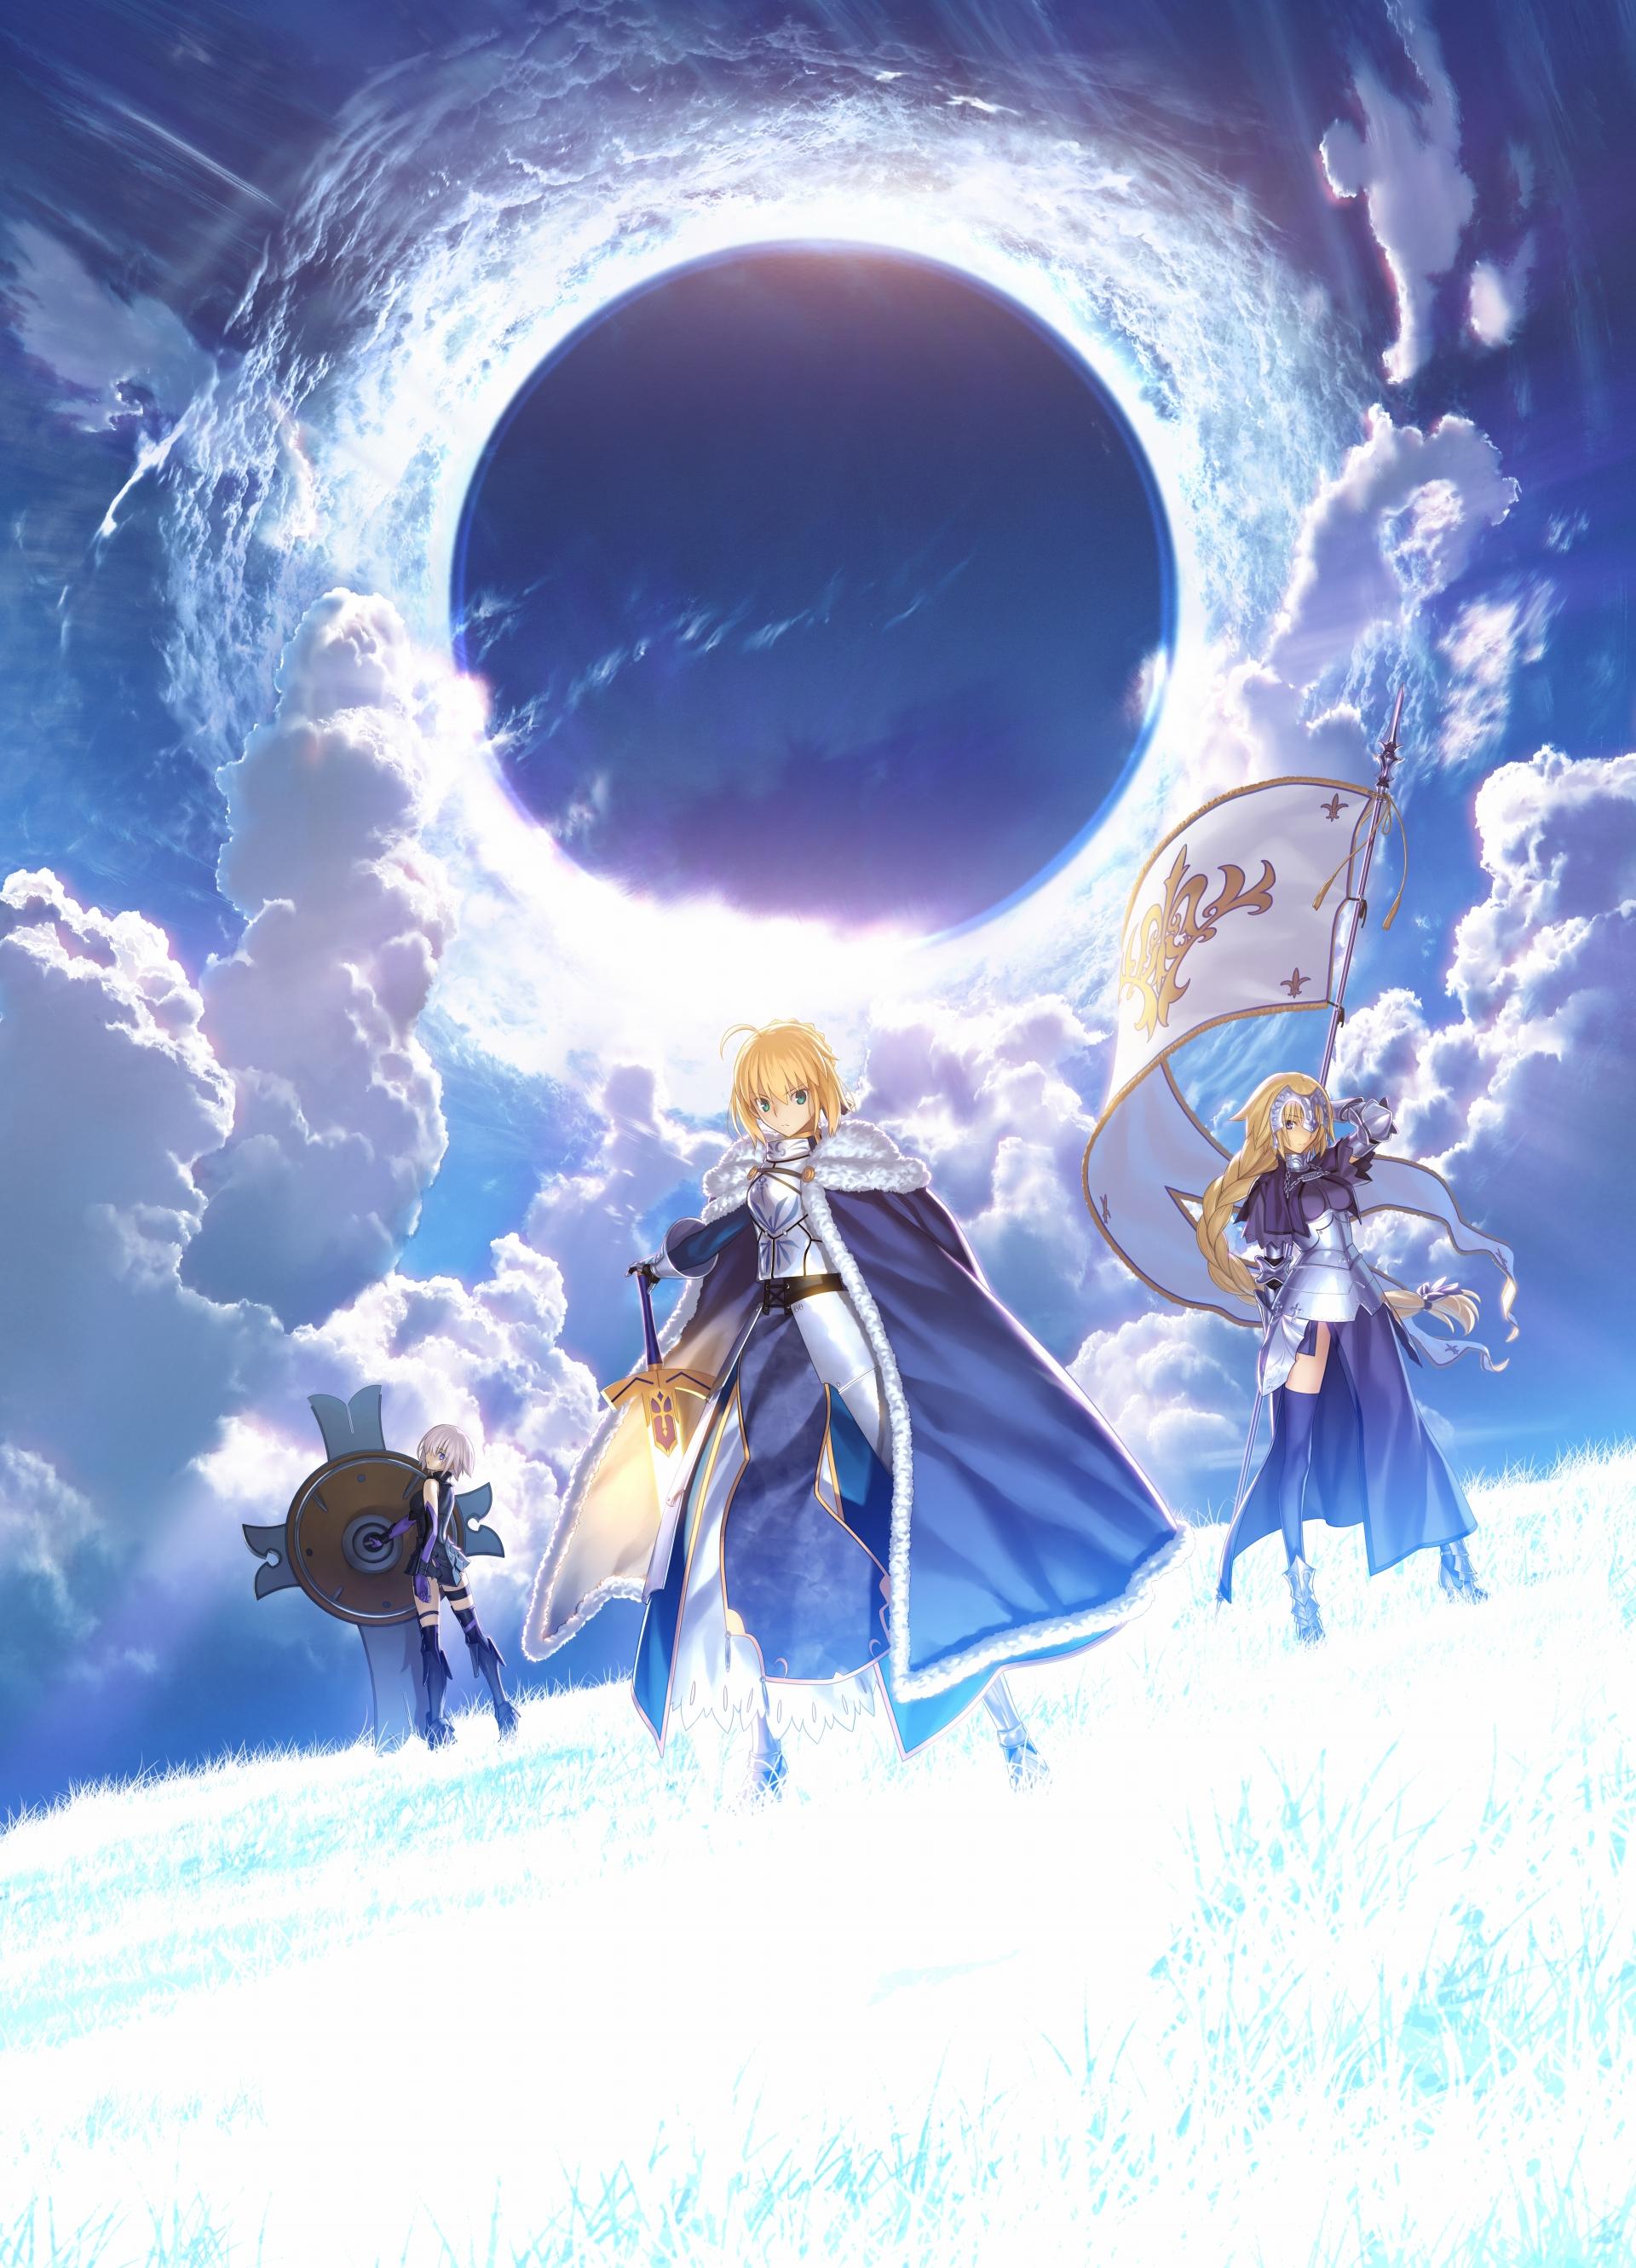 画像集 006 Grand Order がもたらす新しいスマホゲームの形 奈須